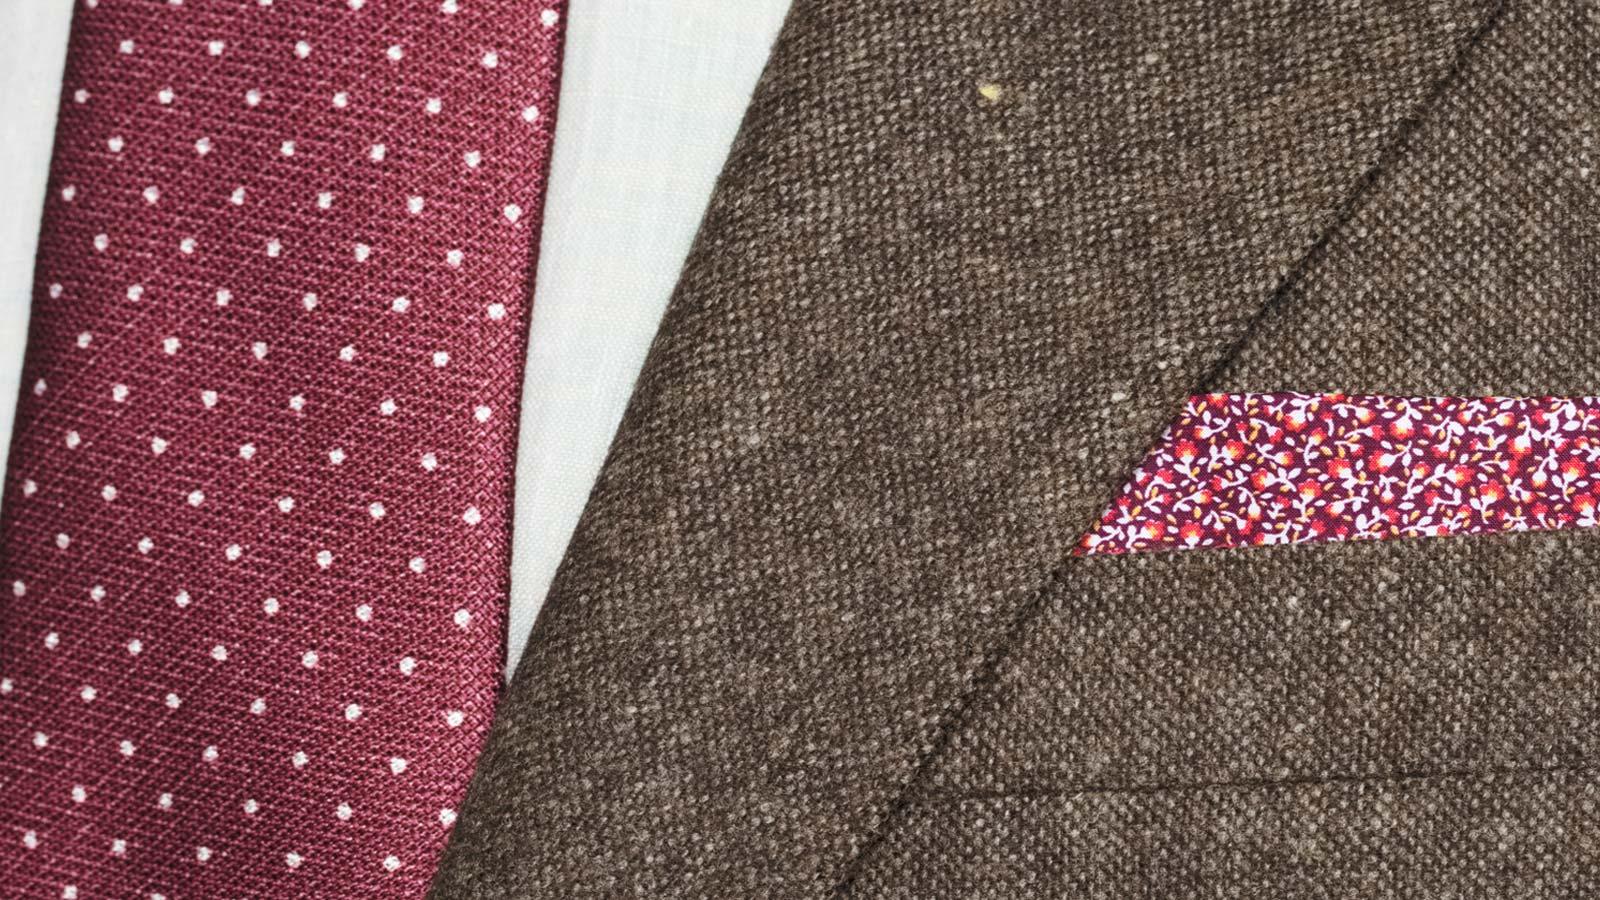 Suit in Natural Brown Tweed - slider image 1